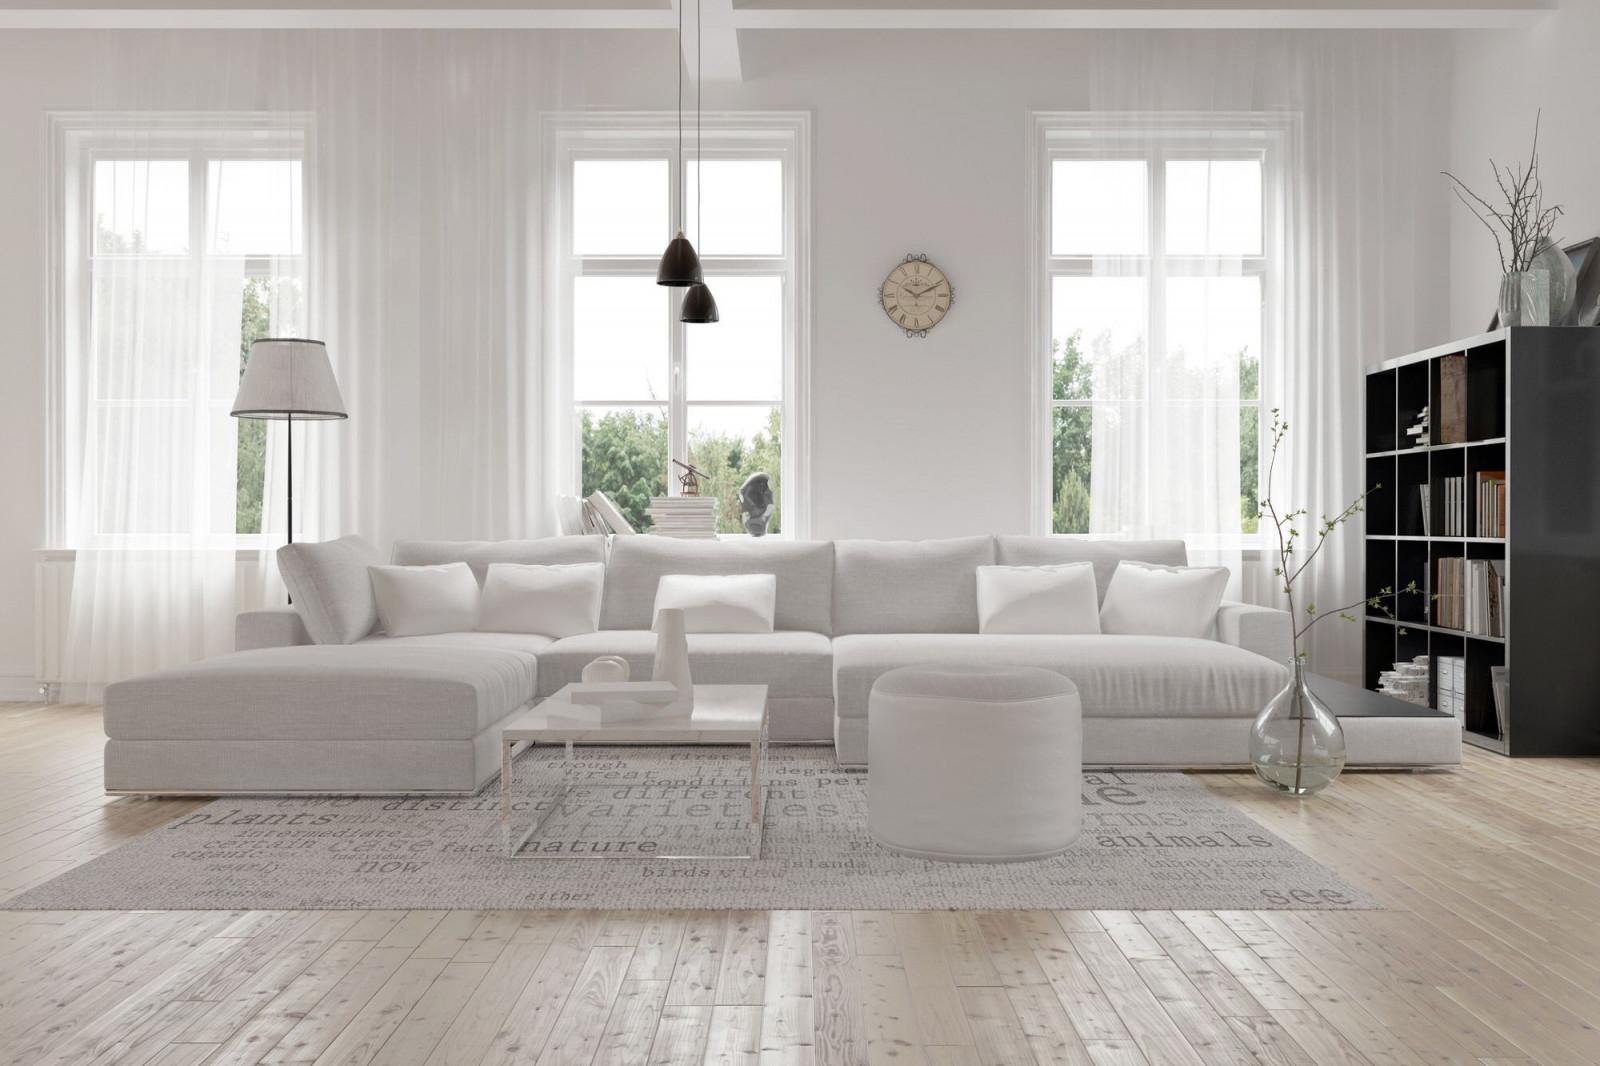 Wohnzimmer Einrichten Mit Vielen Fenstern  Wohnzimmer von Wohnzimmer Mit Vielen Fenstern Einrichten Bild